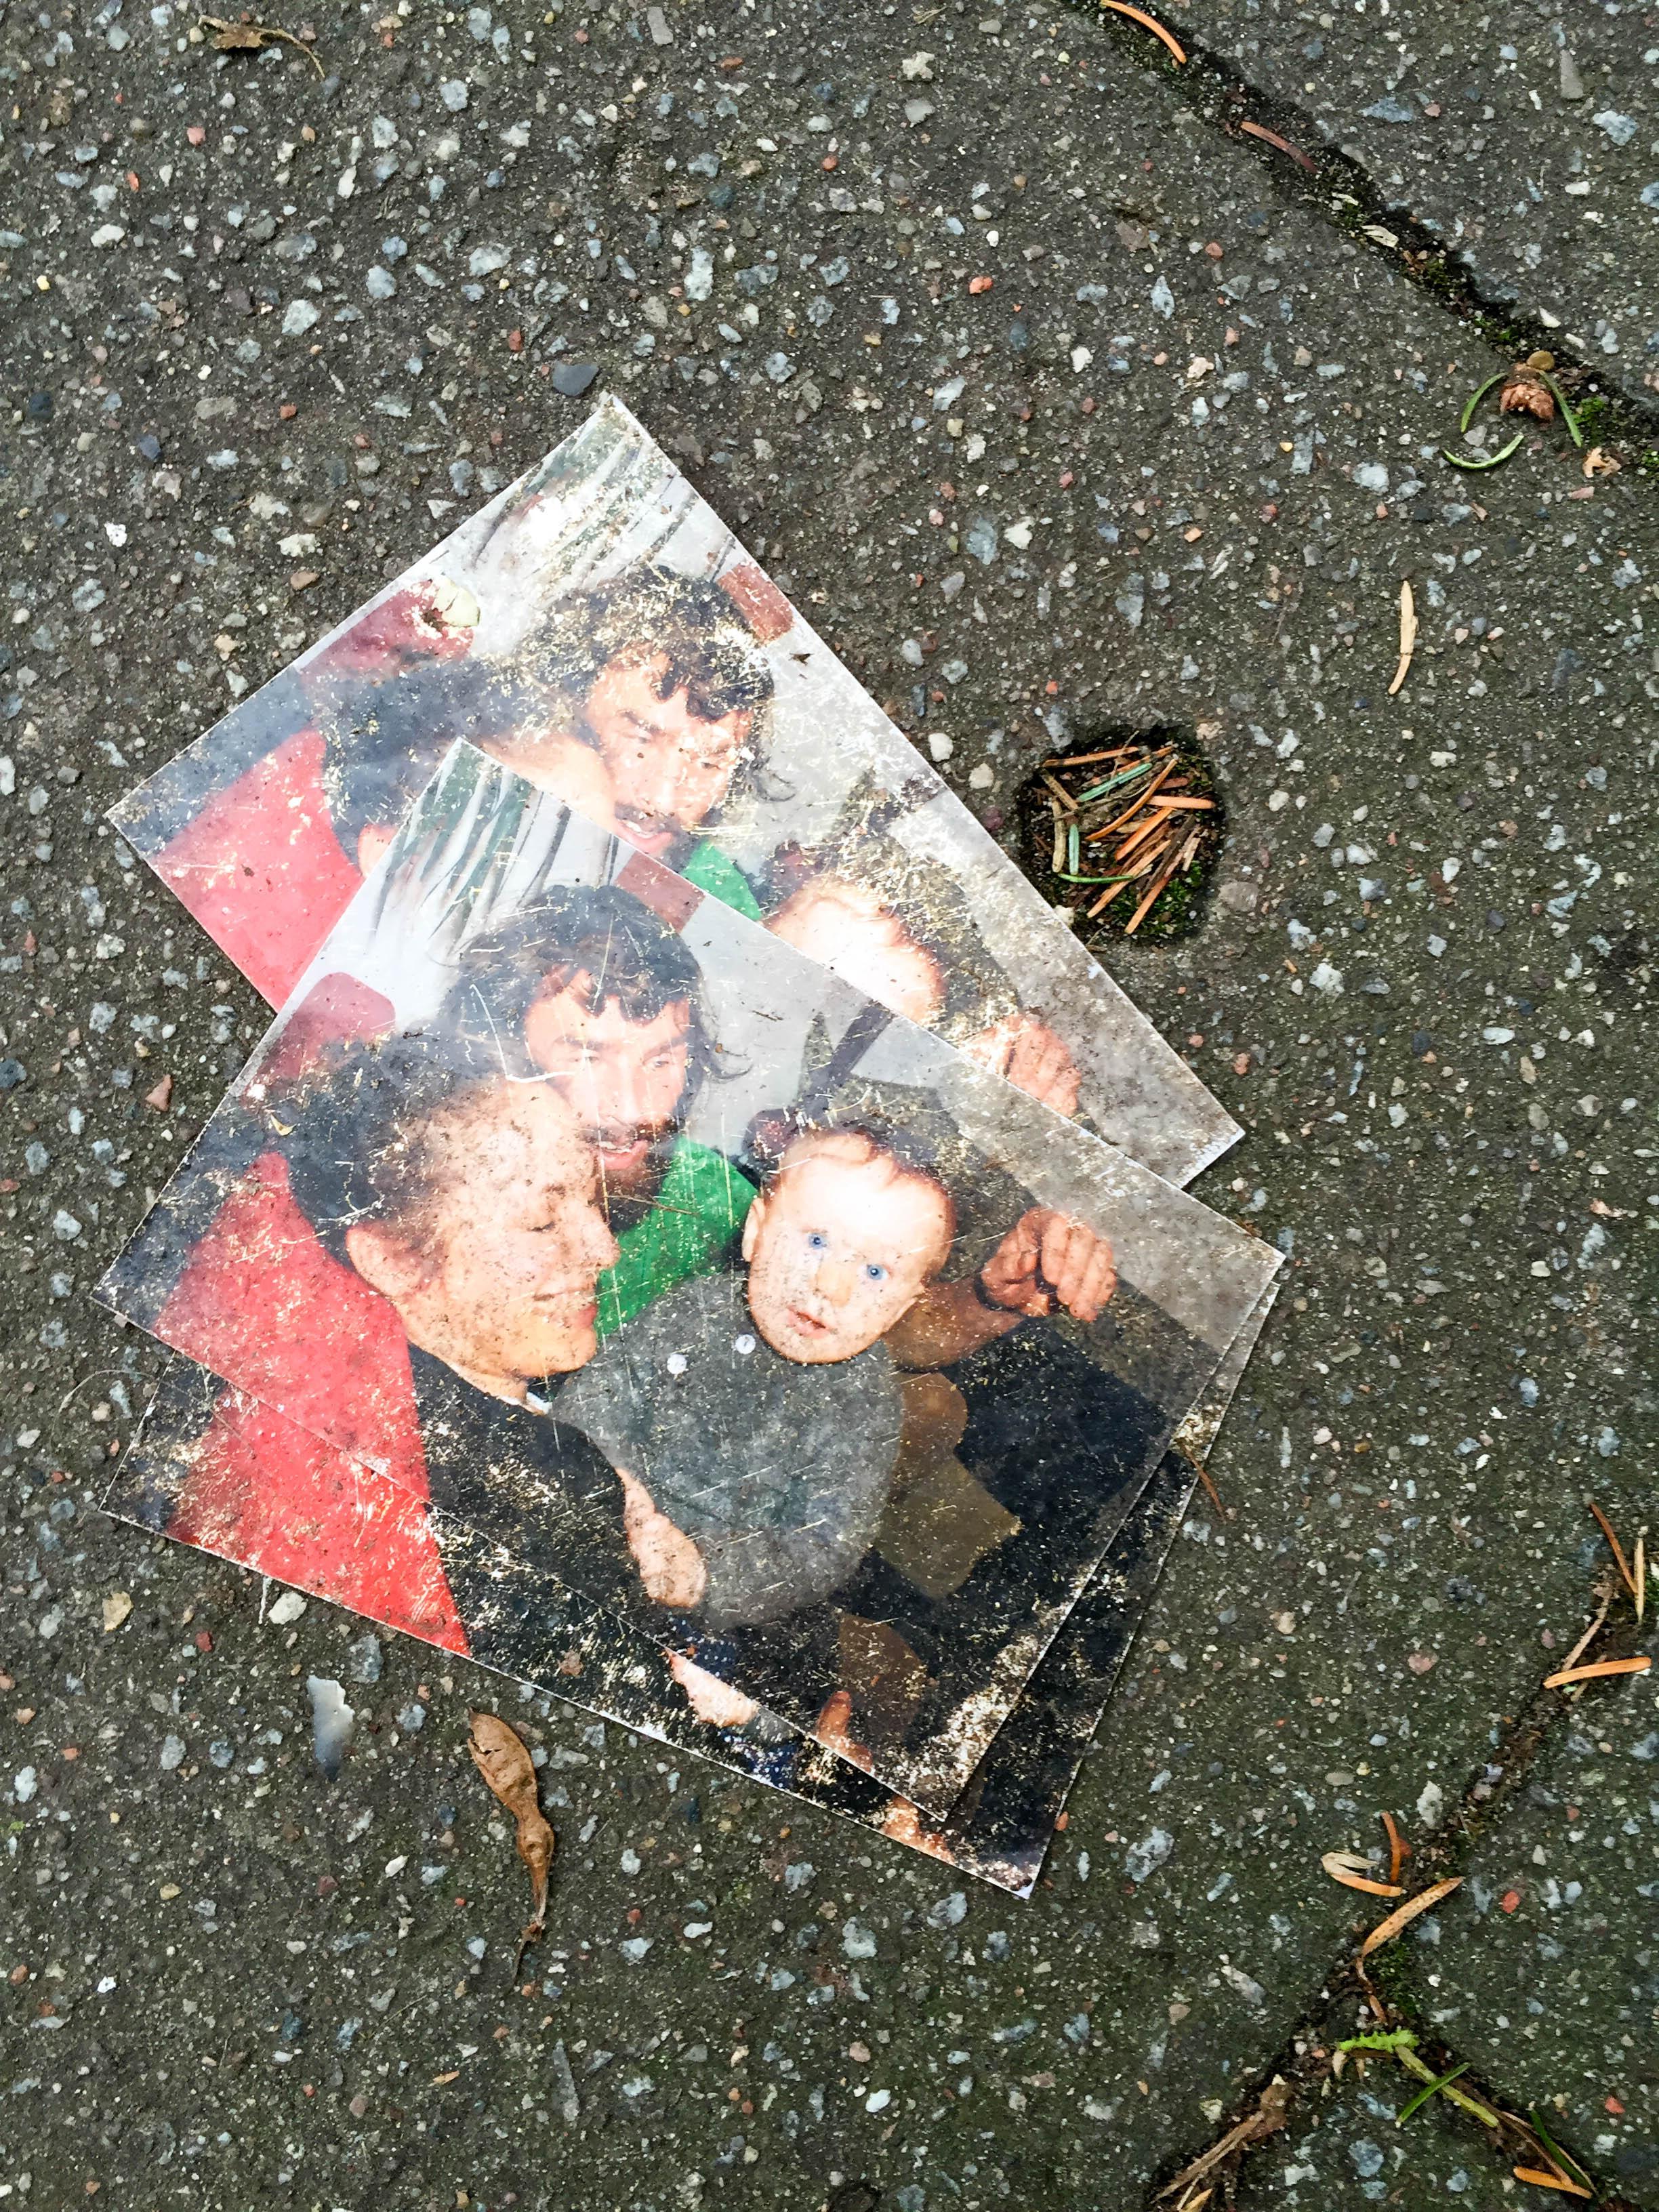 Fotos auf Straße